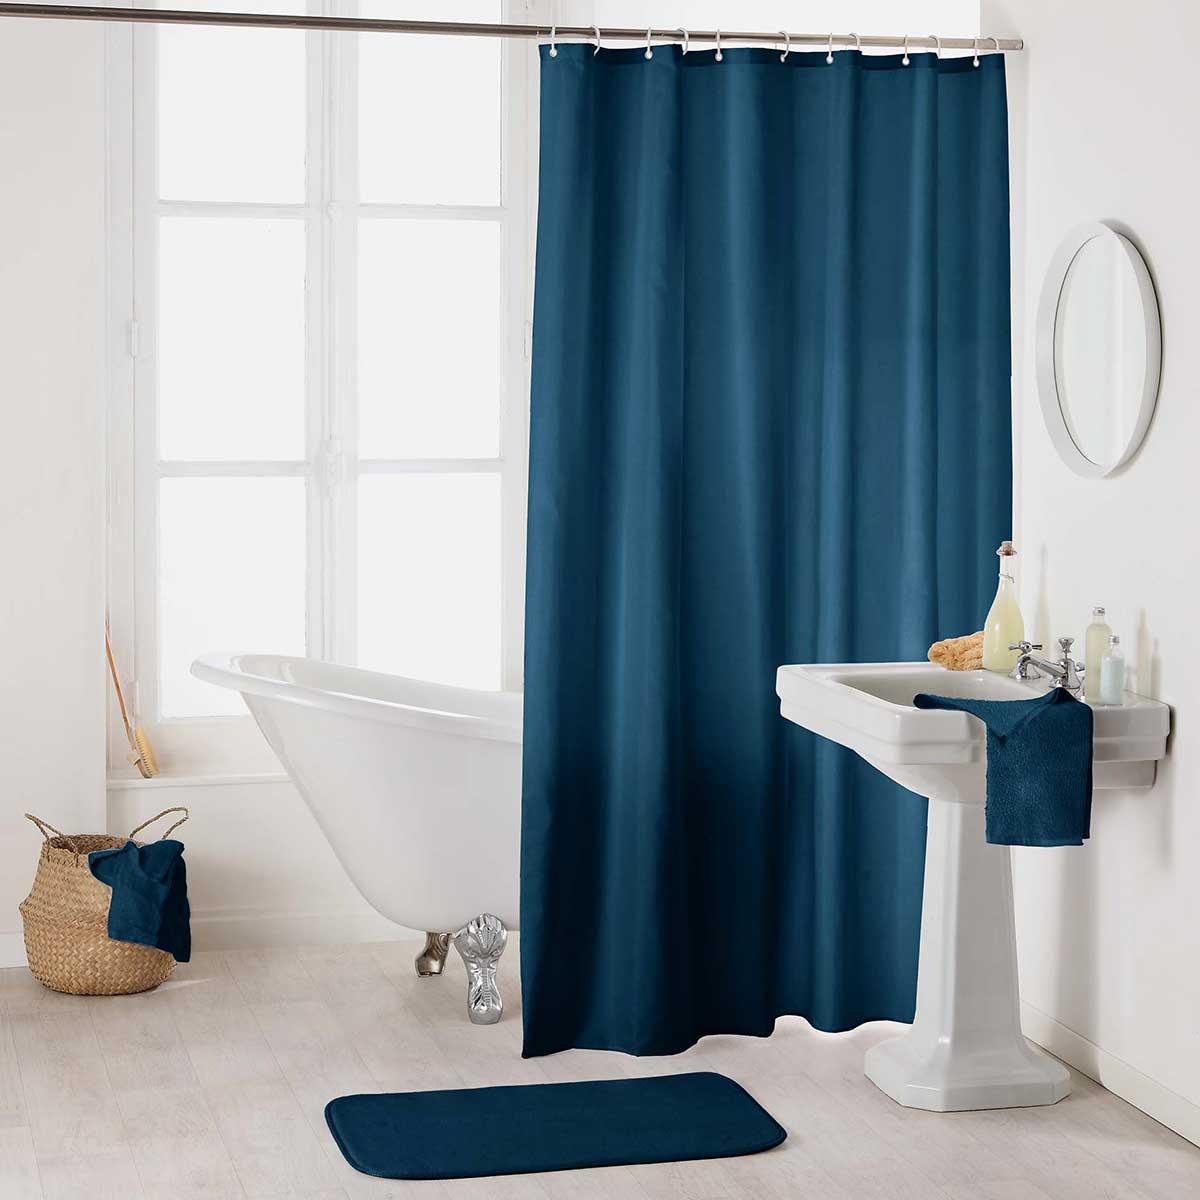 Rideau de Douche Uni et Colorée (Bleu Nuit)